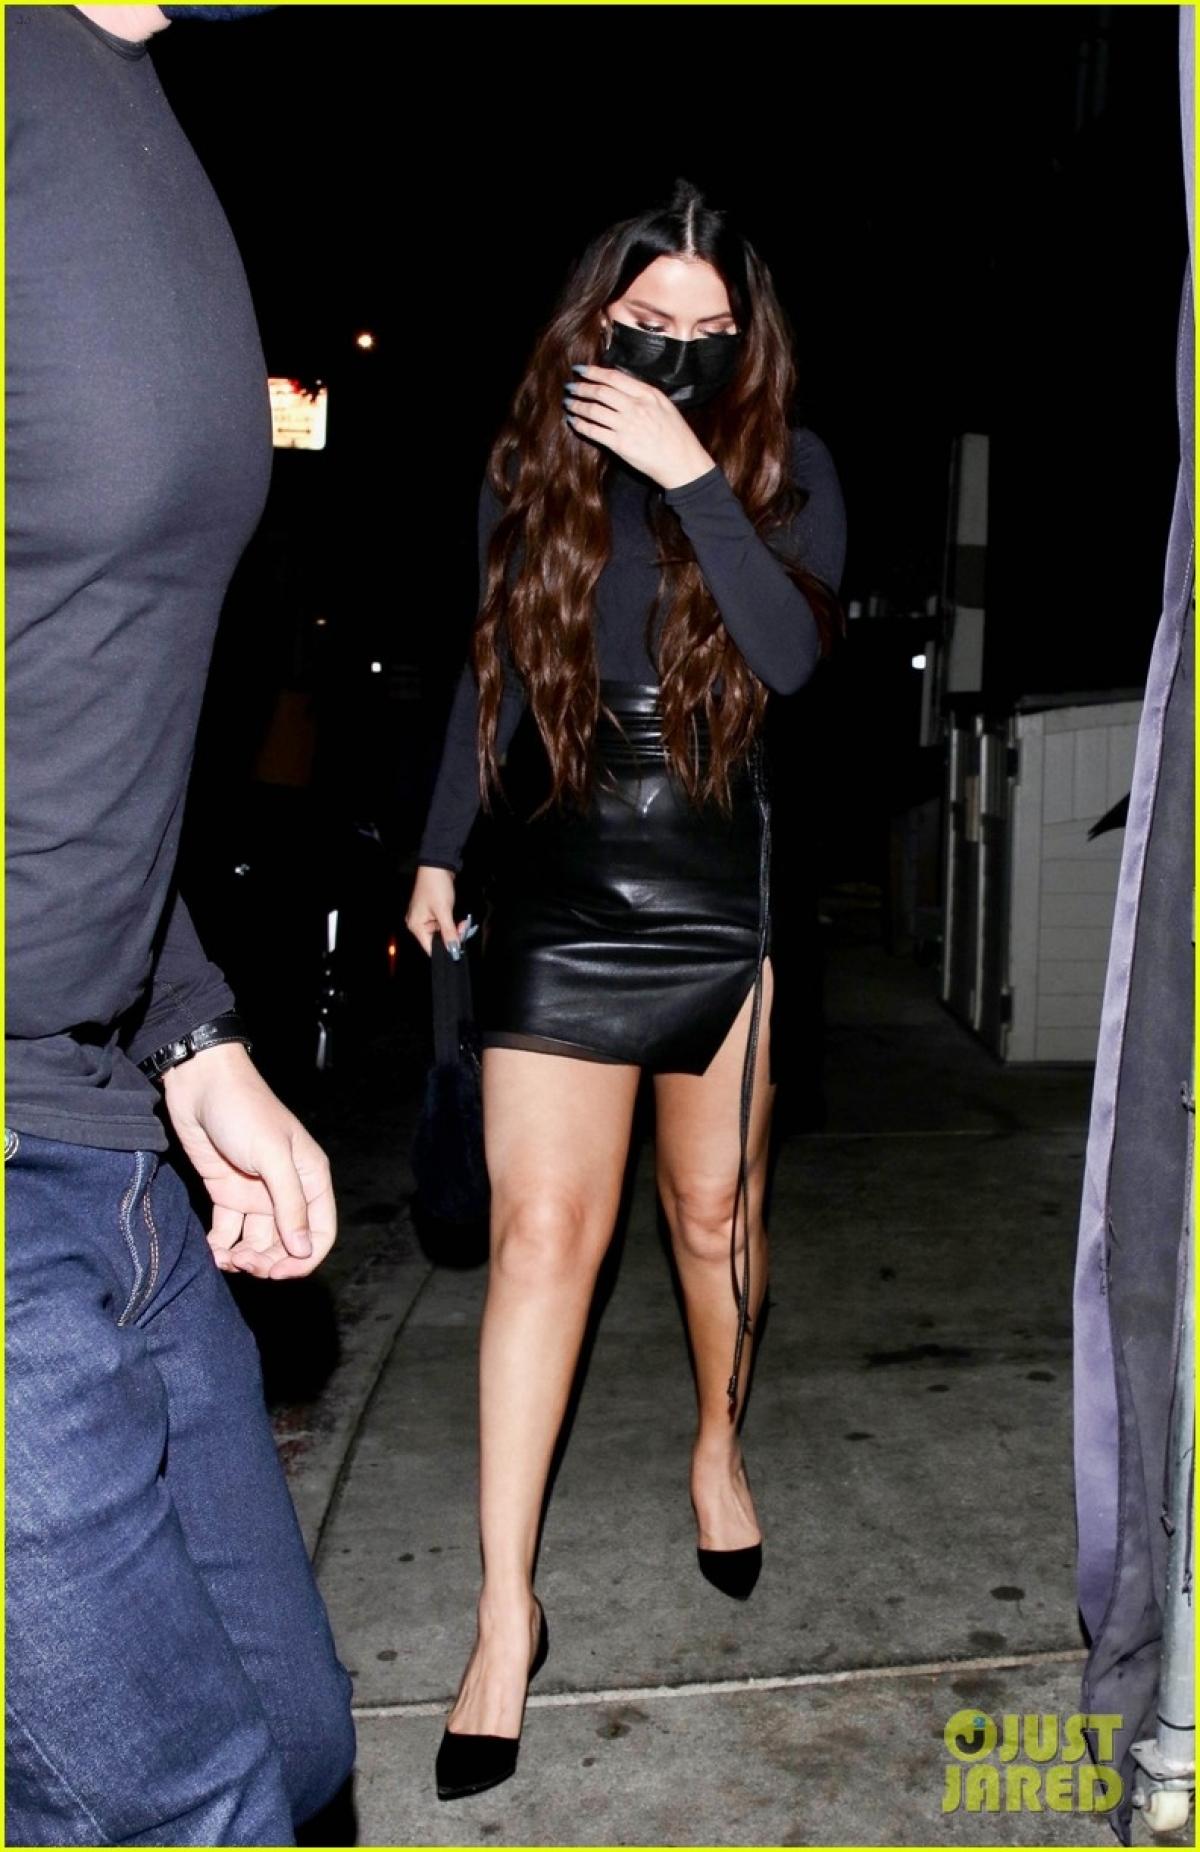 Trong cuộc phỏng vấn với tạp chí Elle số tháng 9, Selena Gomez nói về việc đấu tranh với căn bệnh rối loạn lưỡng cực.